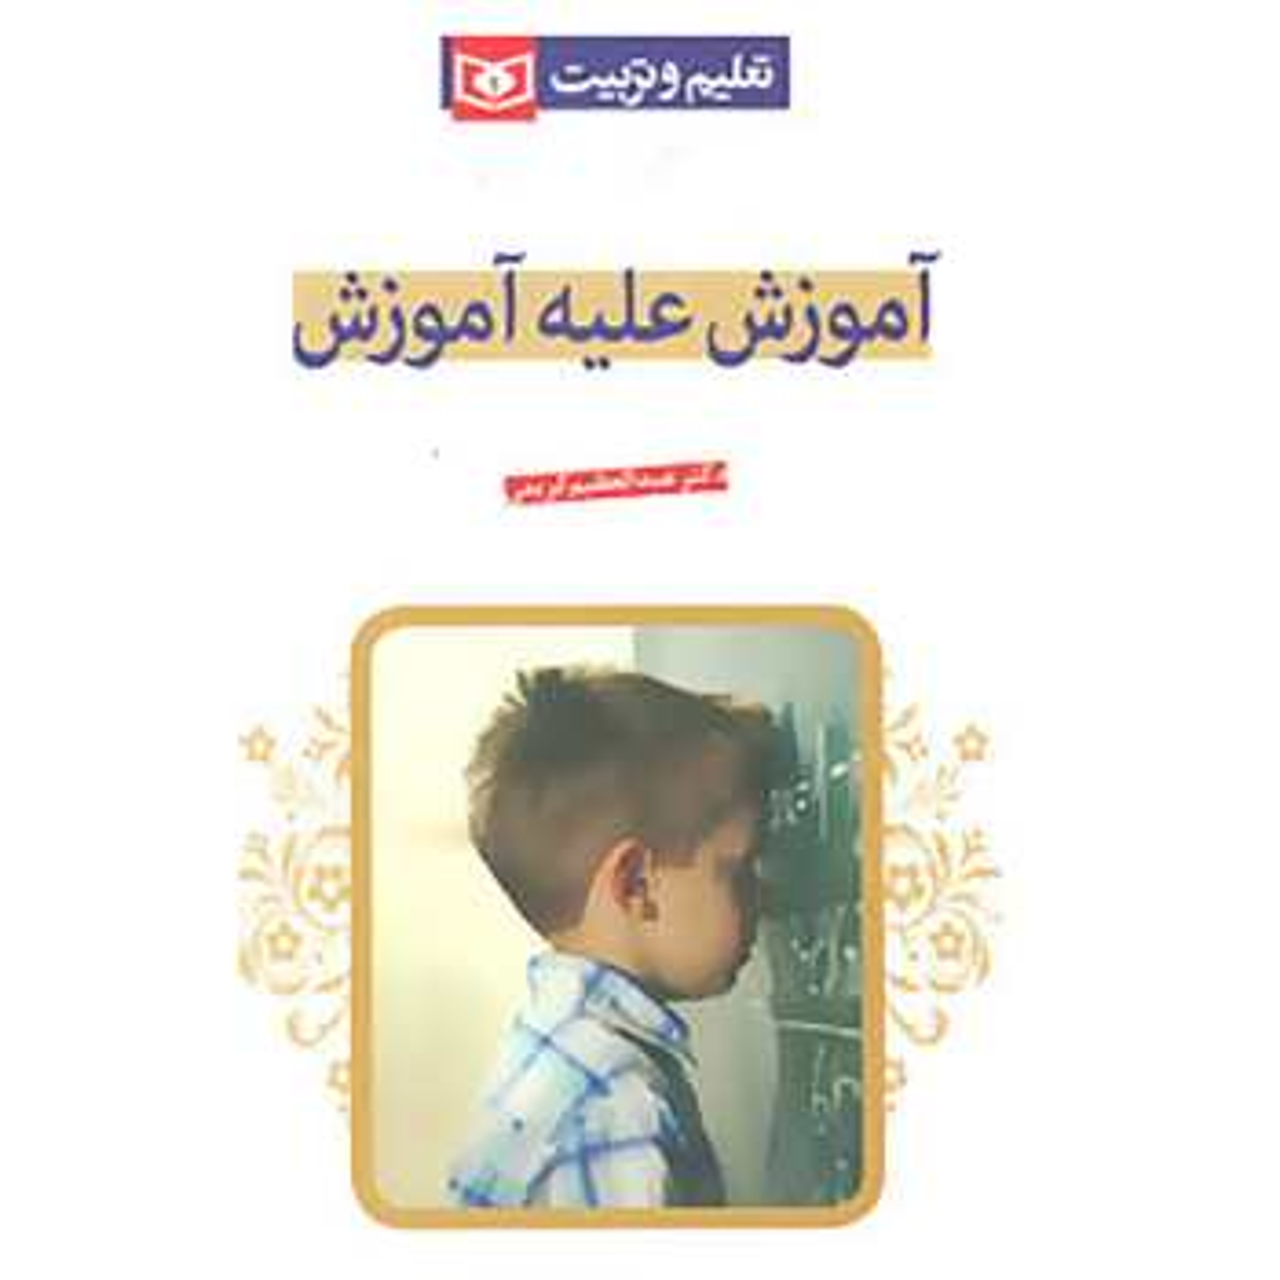 کتاب آموزش علیه آموزش اثر عبدالعظیم کریمی